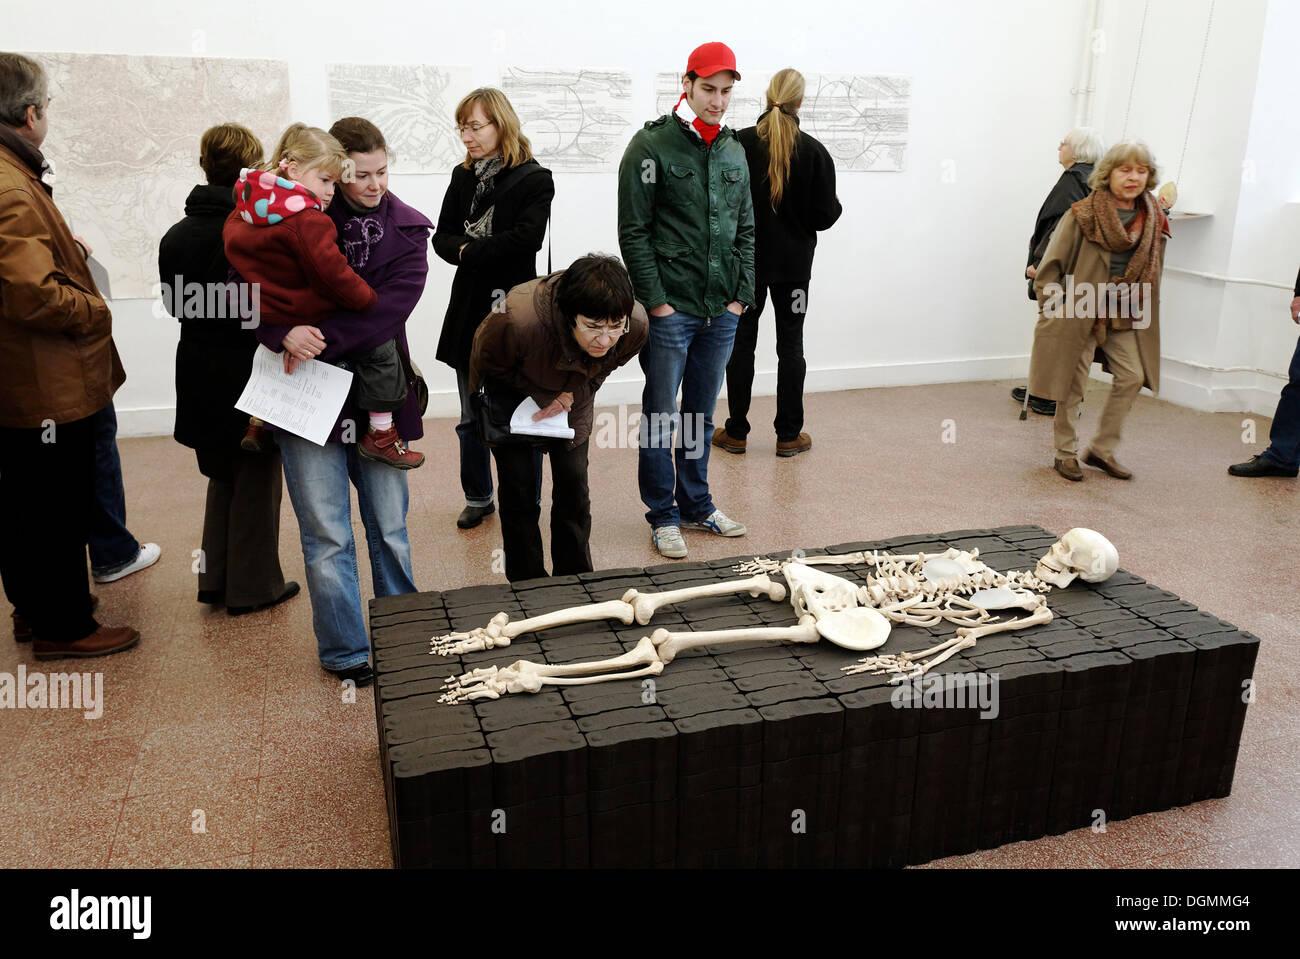 Besucher schauen Sie sich eine Skulptur, menschliches Skelett auf Briketts, liegend Tour Kunstakademie Kunstakademie in Düsseldorf Stockbild